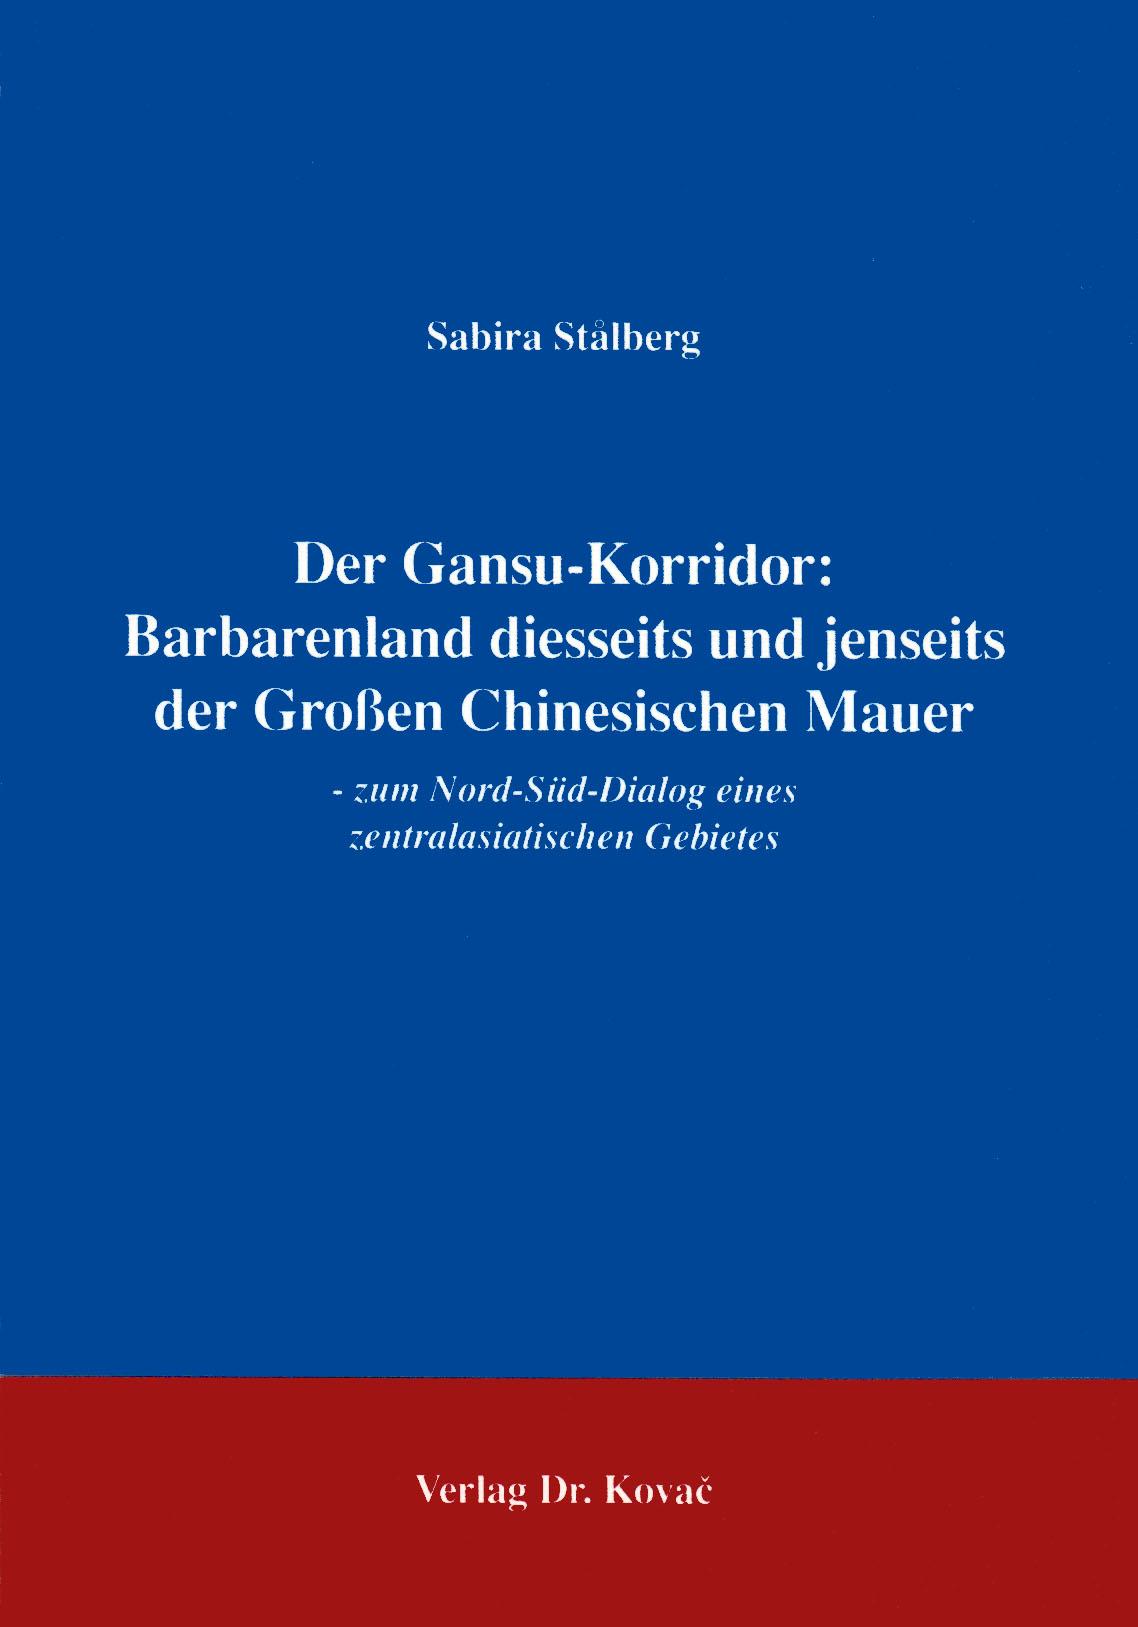 Cover: Der Gansu-Korridor: Barbarenland diesseits und jenseits der Großen Chinesischen Mauer